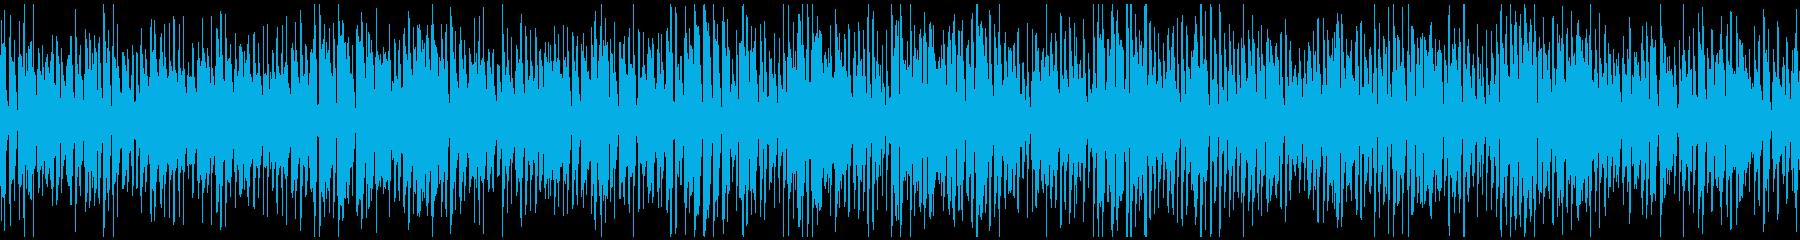 楽しいウキウキ系のレトロジャズ※ループ版の再生済みの波形